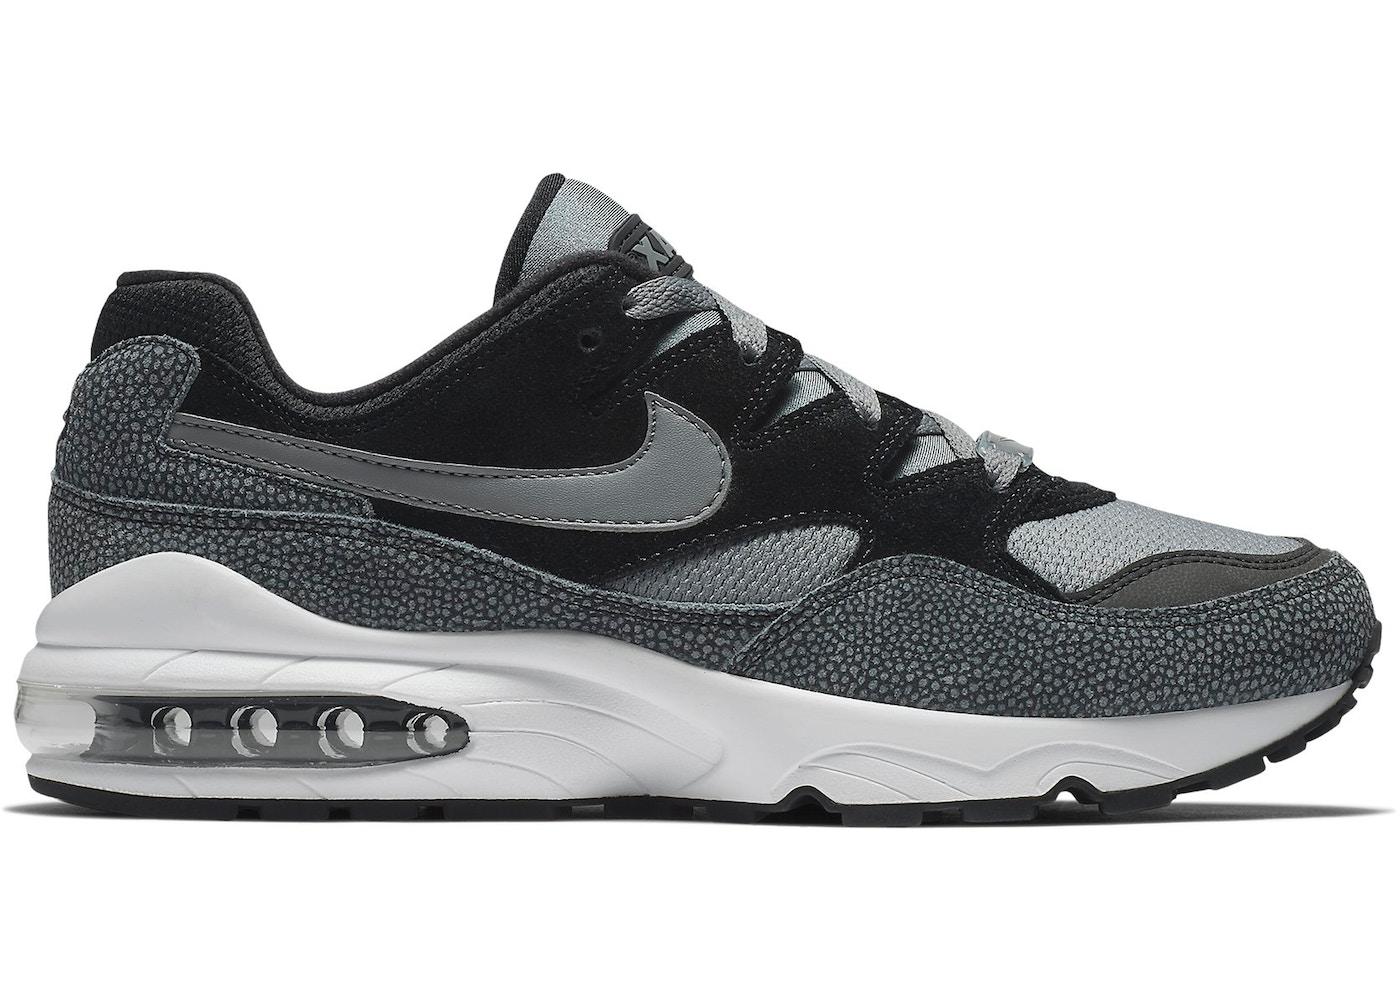 Nike Air Max 94 Black Grey Safari